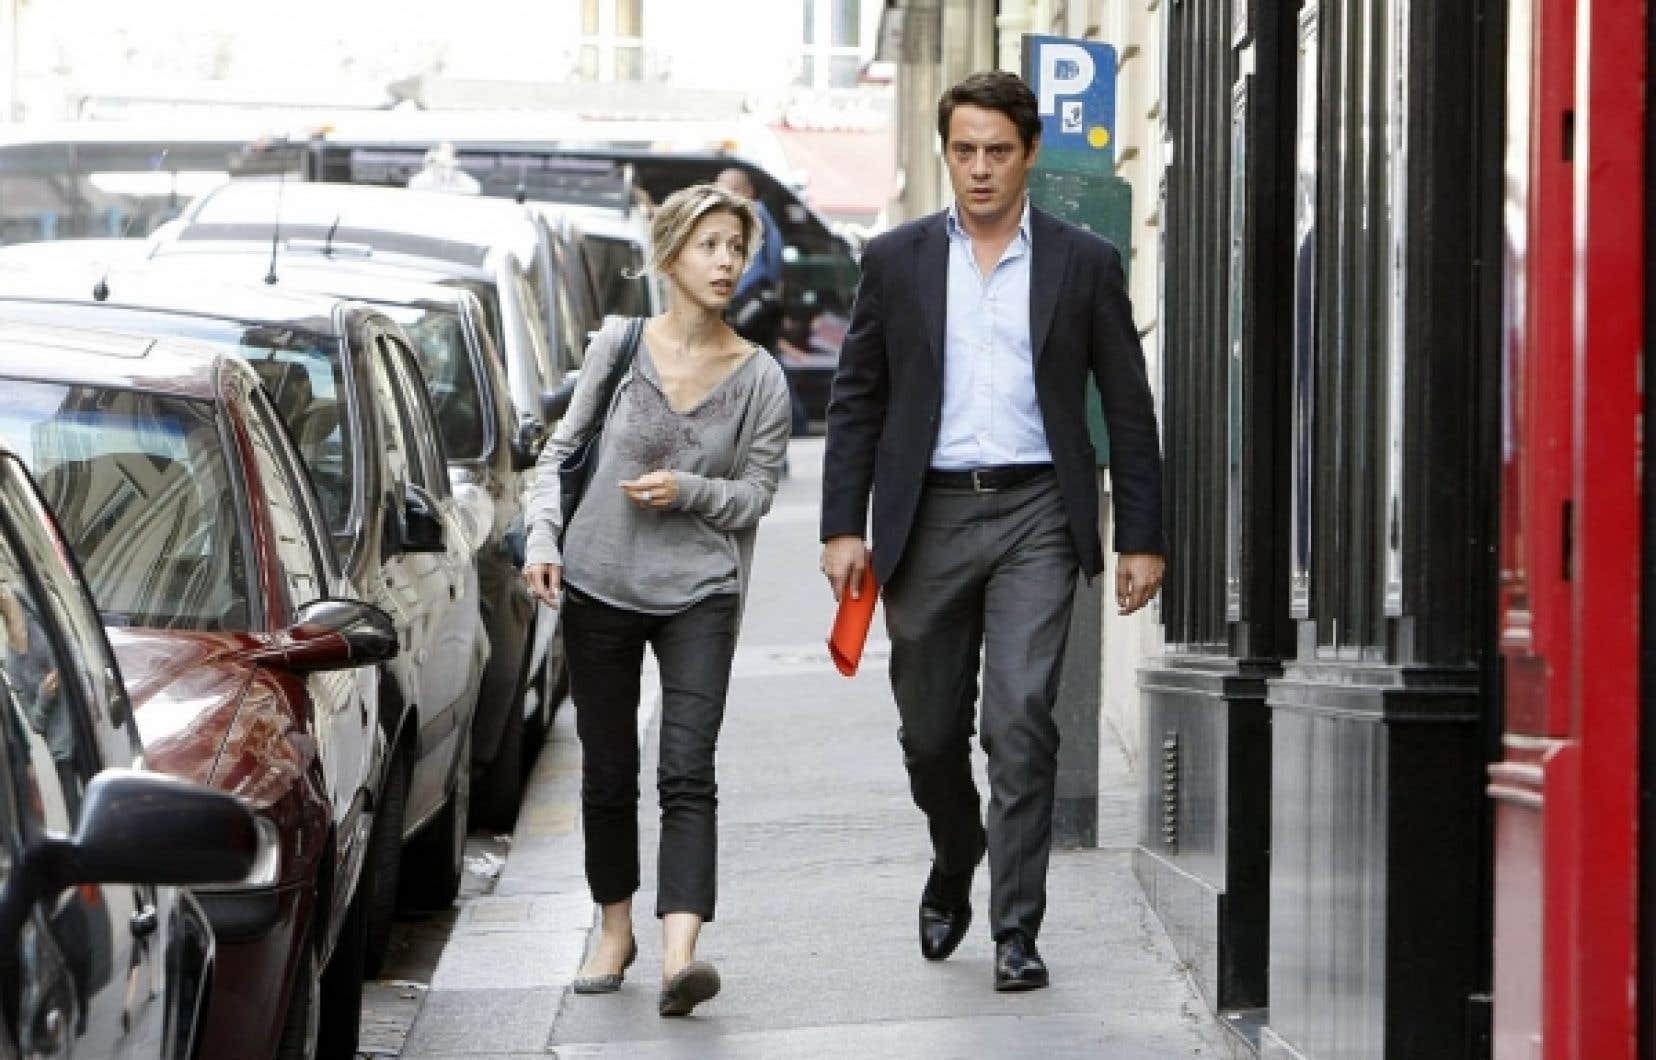 Tristane Banon et son avocat David Koubbi quittent le bureau de ce dernier à Paris, plus tôt dans la journée. L'avocat de la romancière Tristane Banon a déposé aujourd'hui une plainte accusant Dominique Strauss-Kahn de tentative de viol.<br />